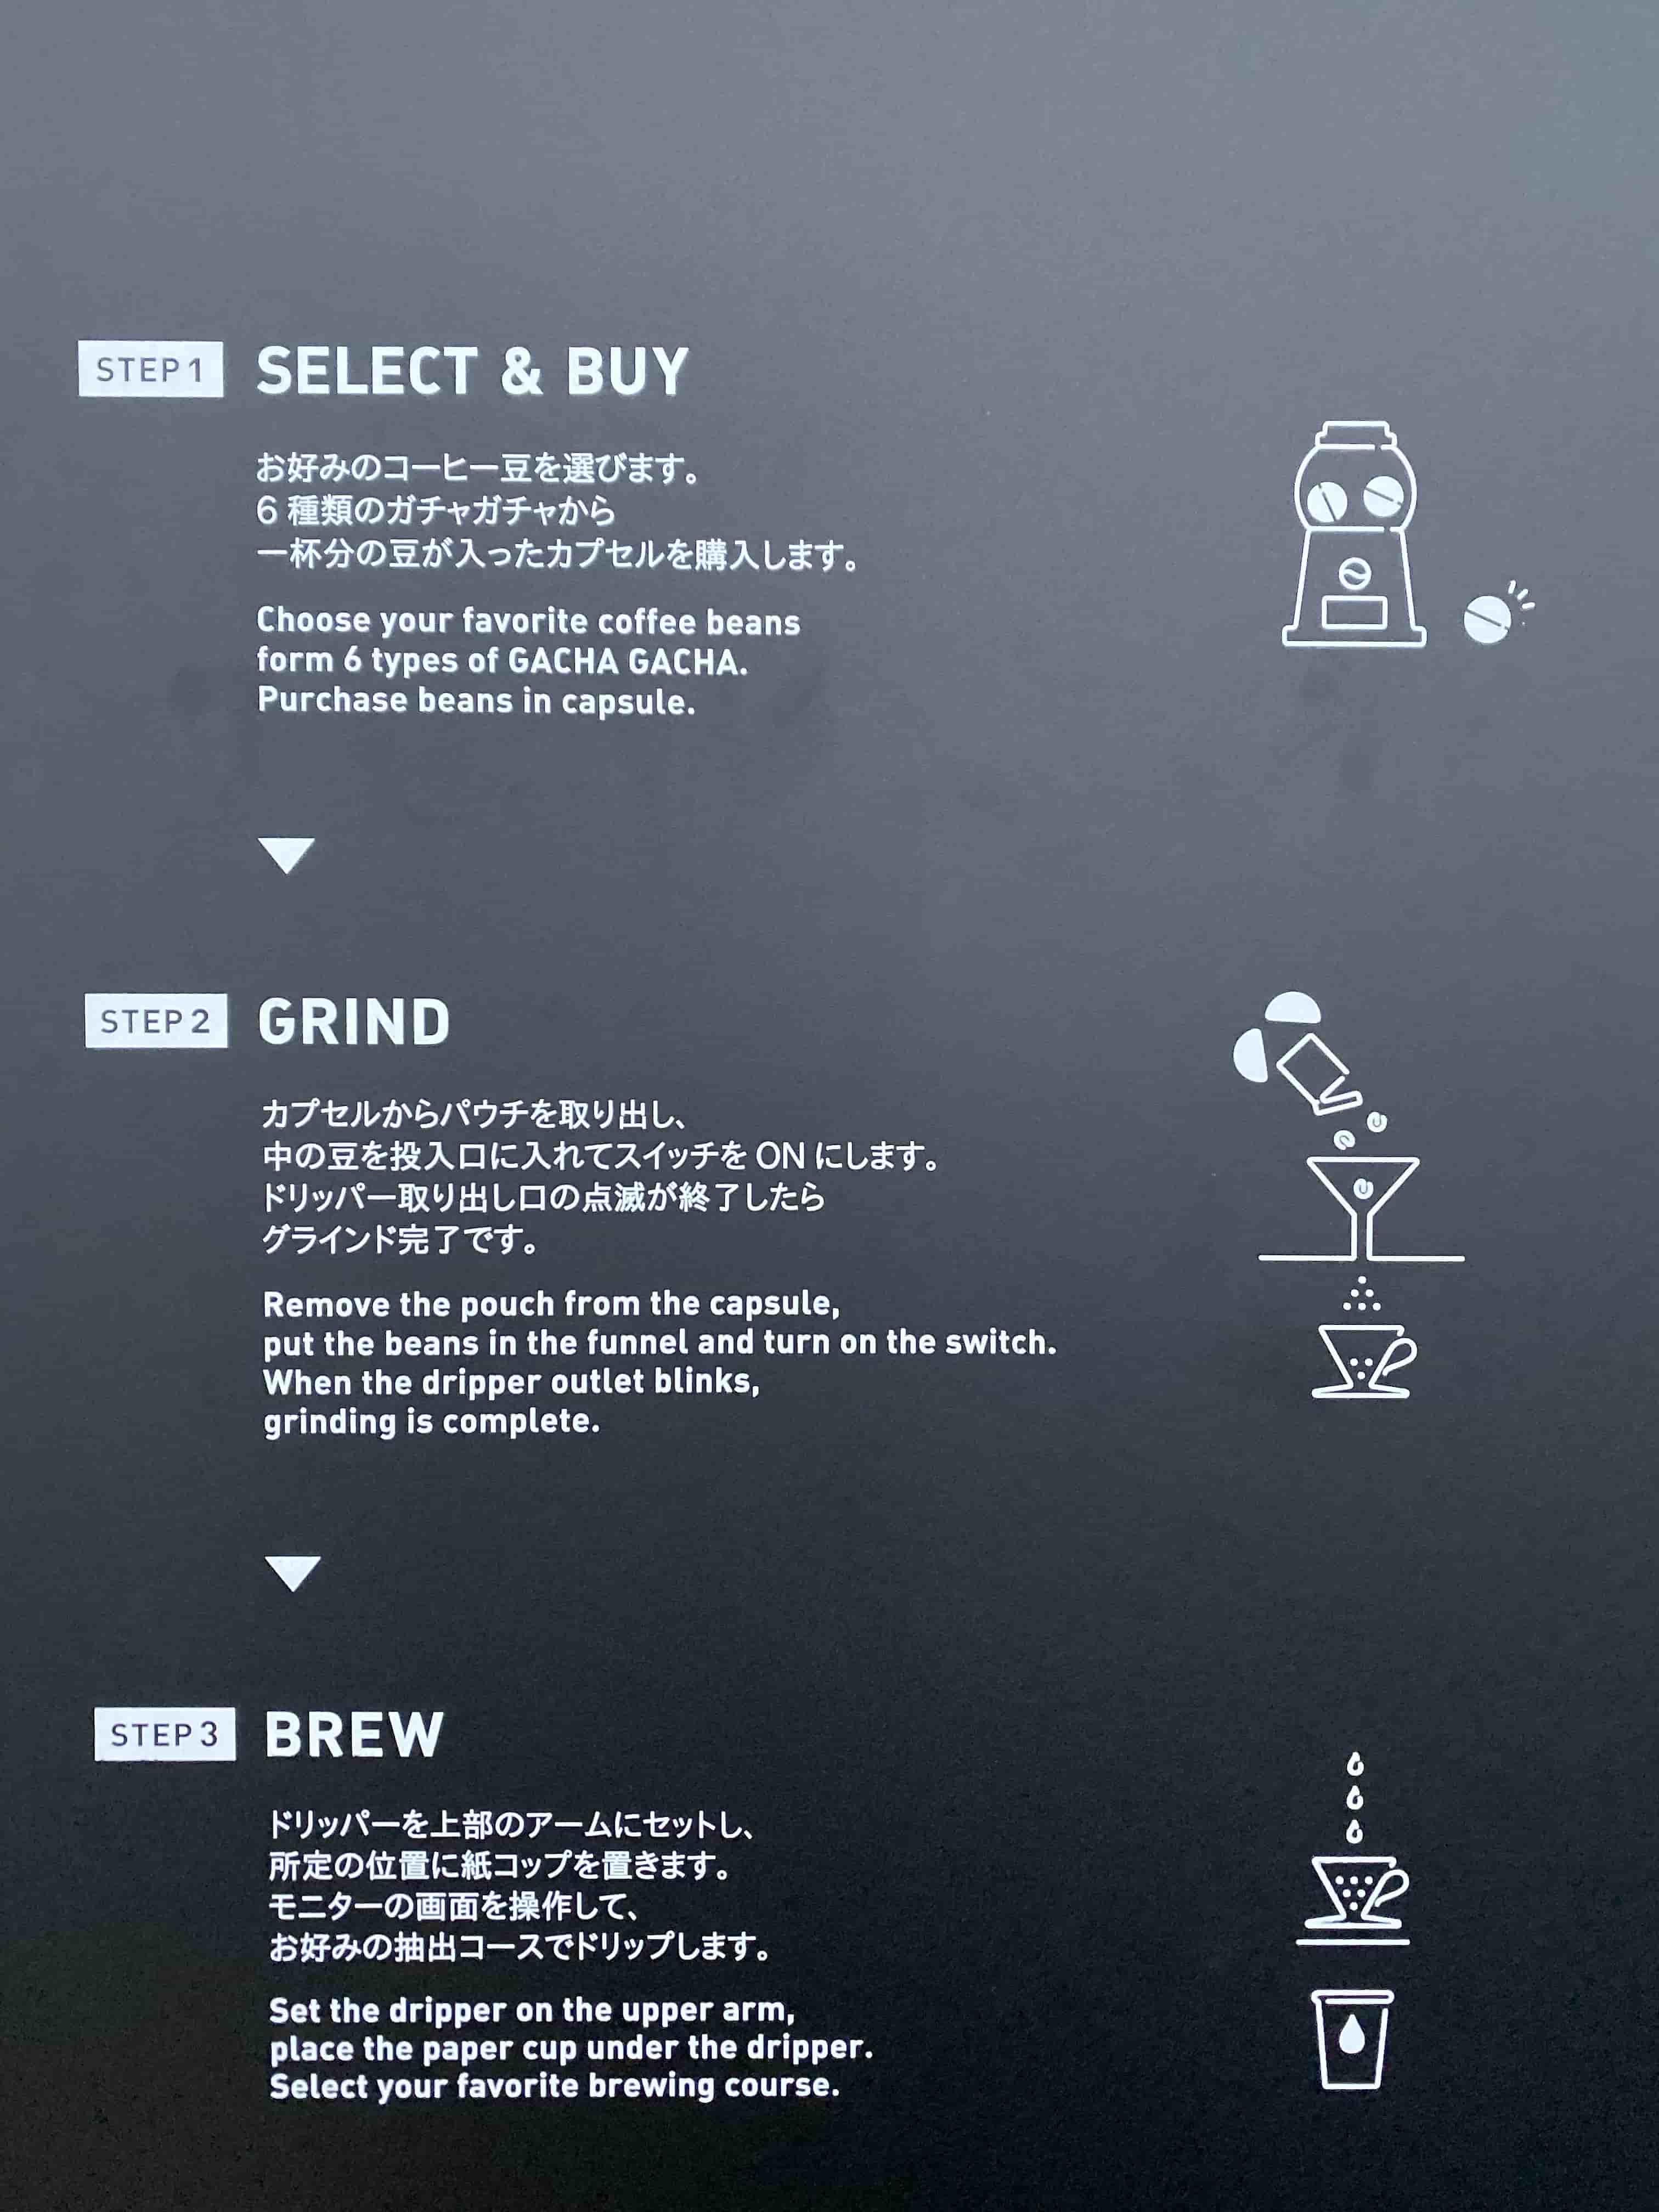 Bij dit self-service koffie concept wordt alles tot in de puntjes uitgelegd, geen medewerkers.